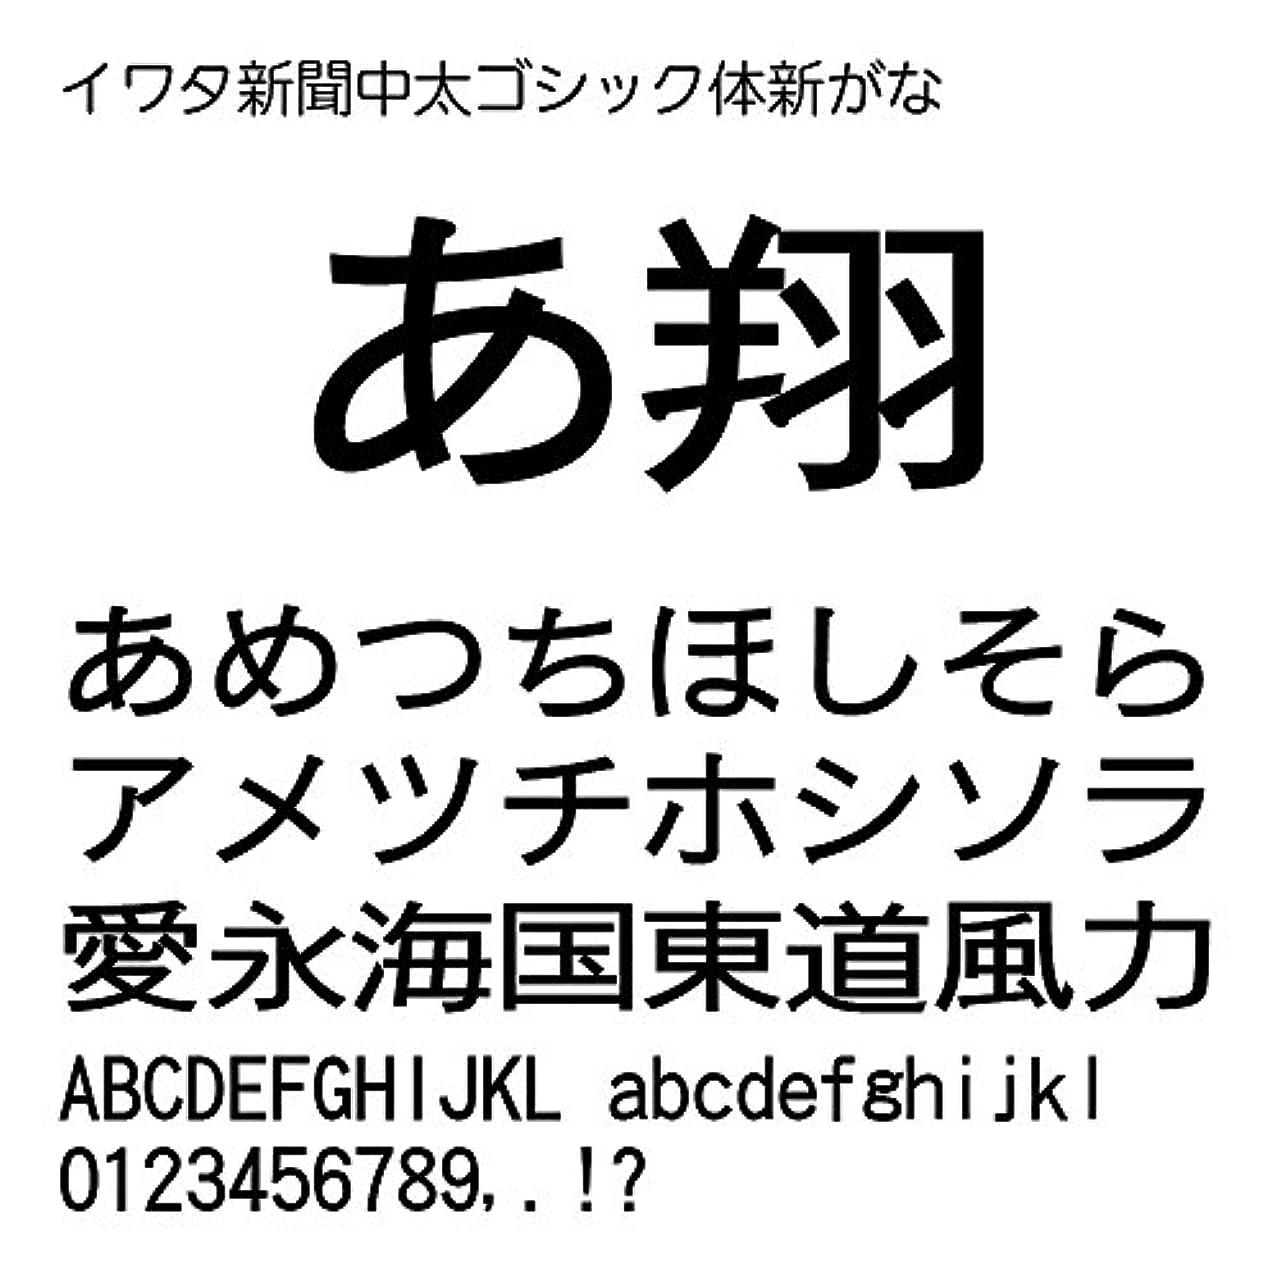 取得する明確にハシーイワタ新聞中太ゴシック体新がな TrueType Font for Windows [ダウンロード]